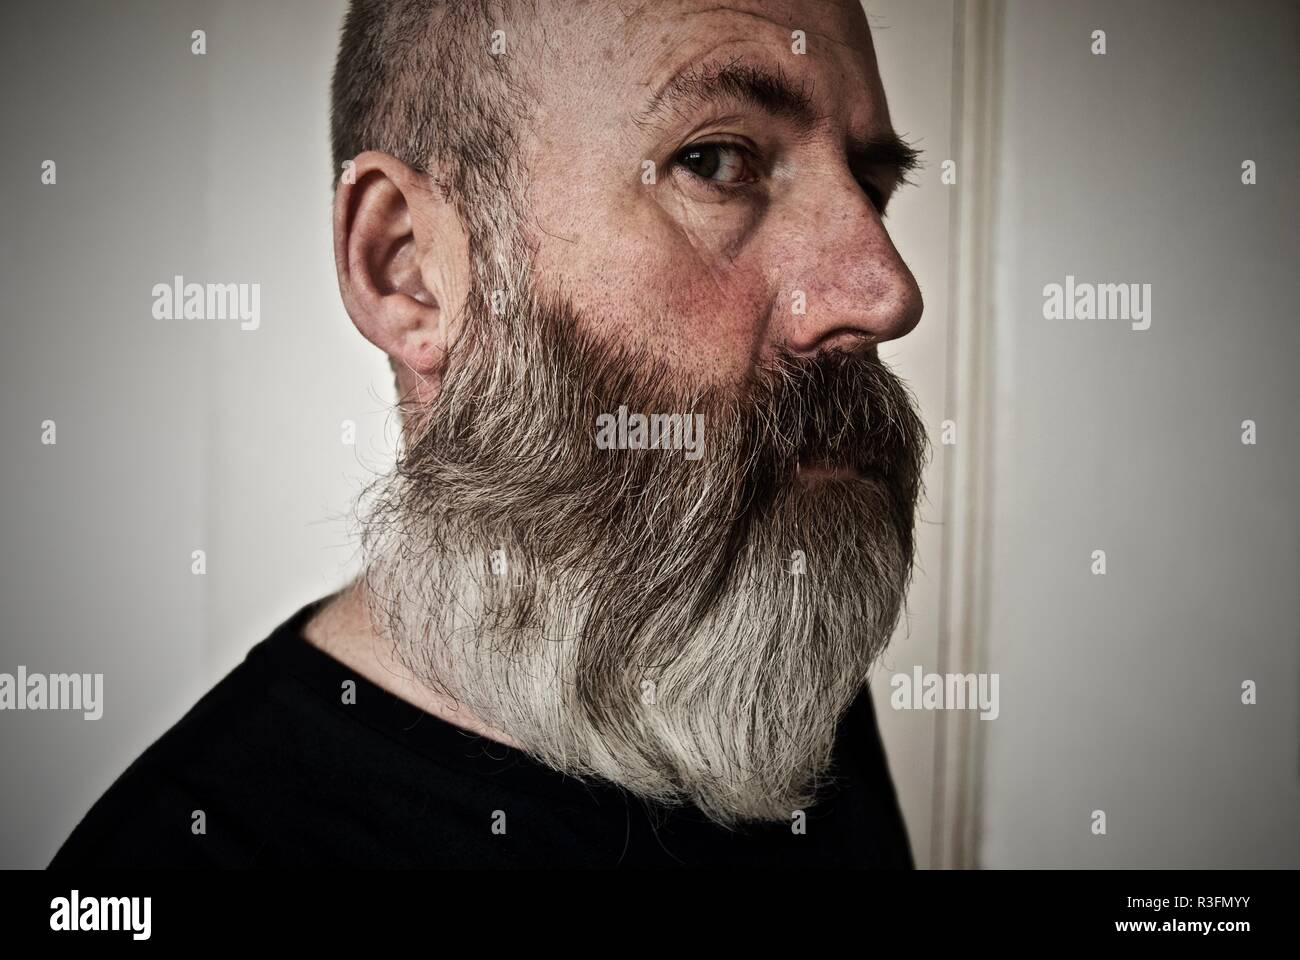 Bushy Grey Beard Stock Photos & Bushy Grey Beard Stock